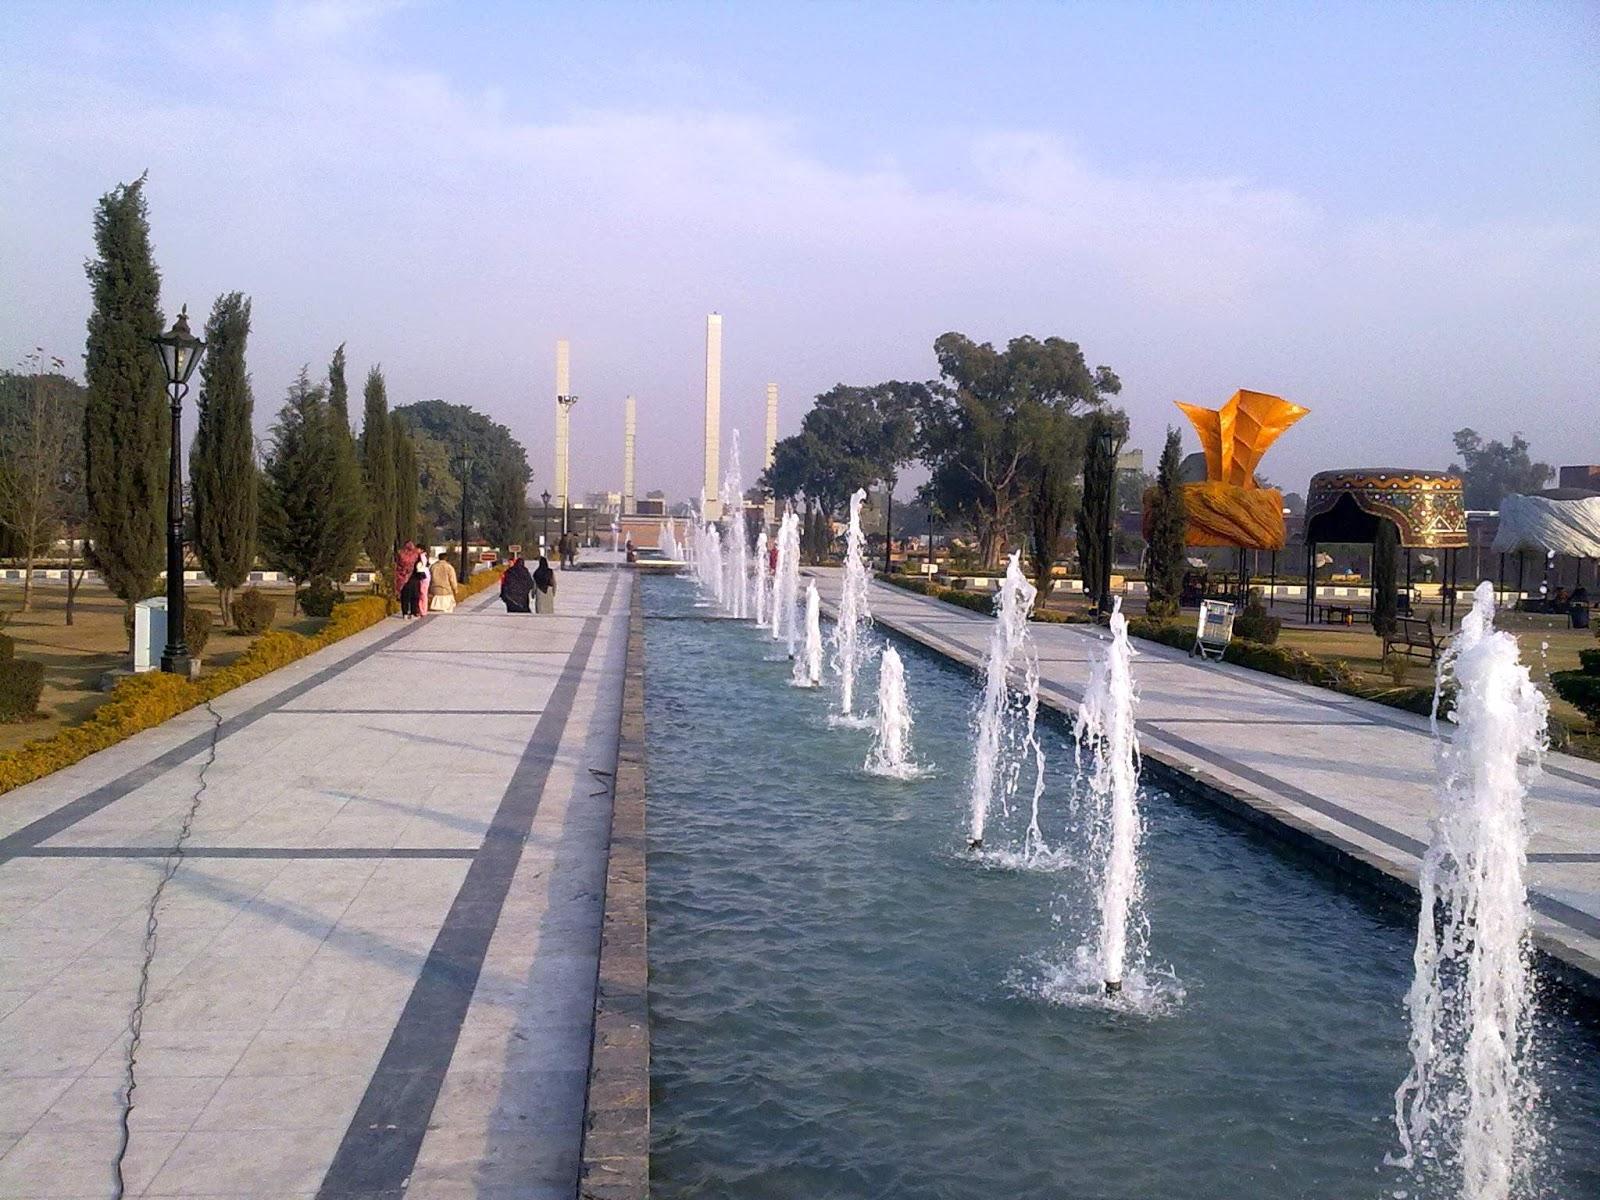 Beautifull Wallpapers Beautifull Place Jinnah Park In Rawalpindi Pakistan